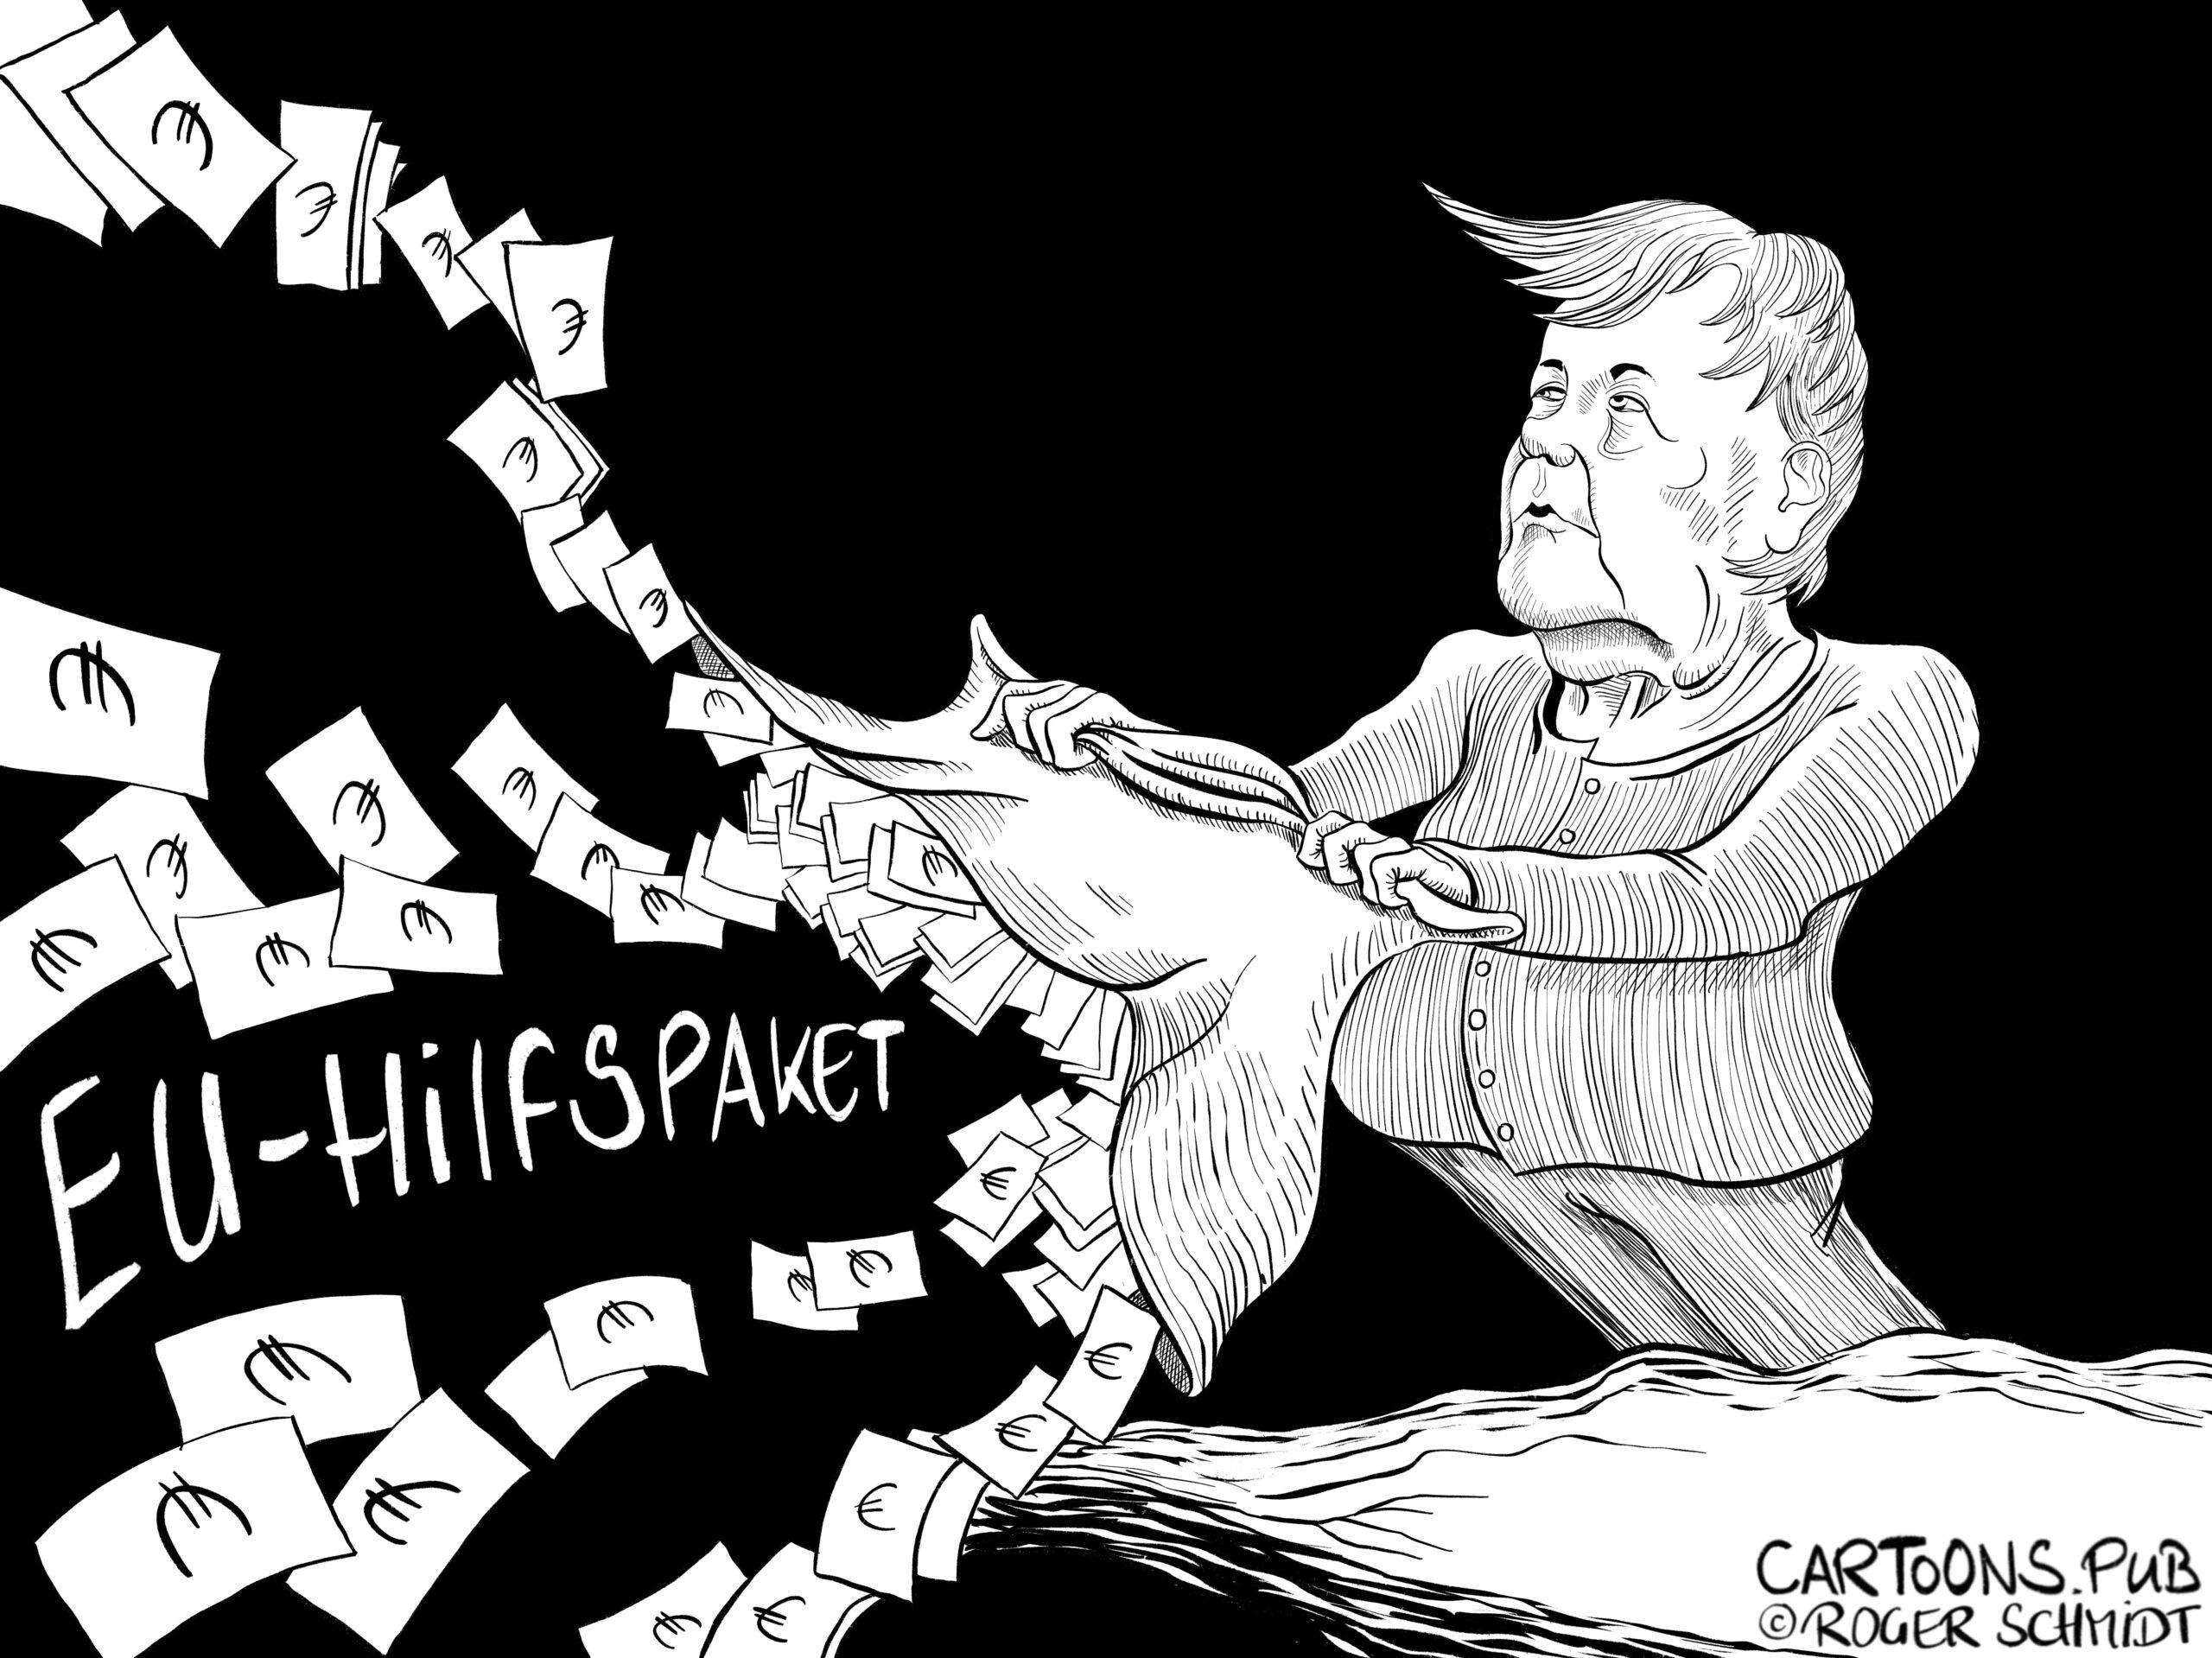 Karikatur, Cartoon: EU-Hilfspaket © Roger Schmidt